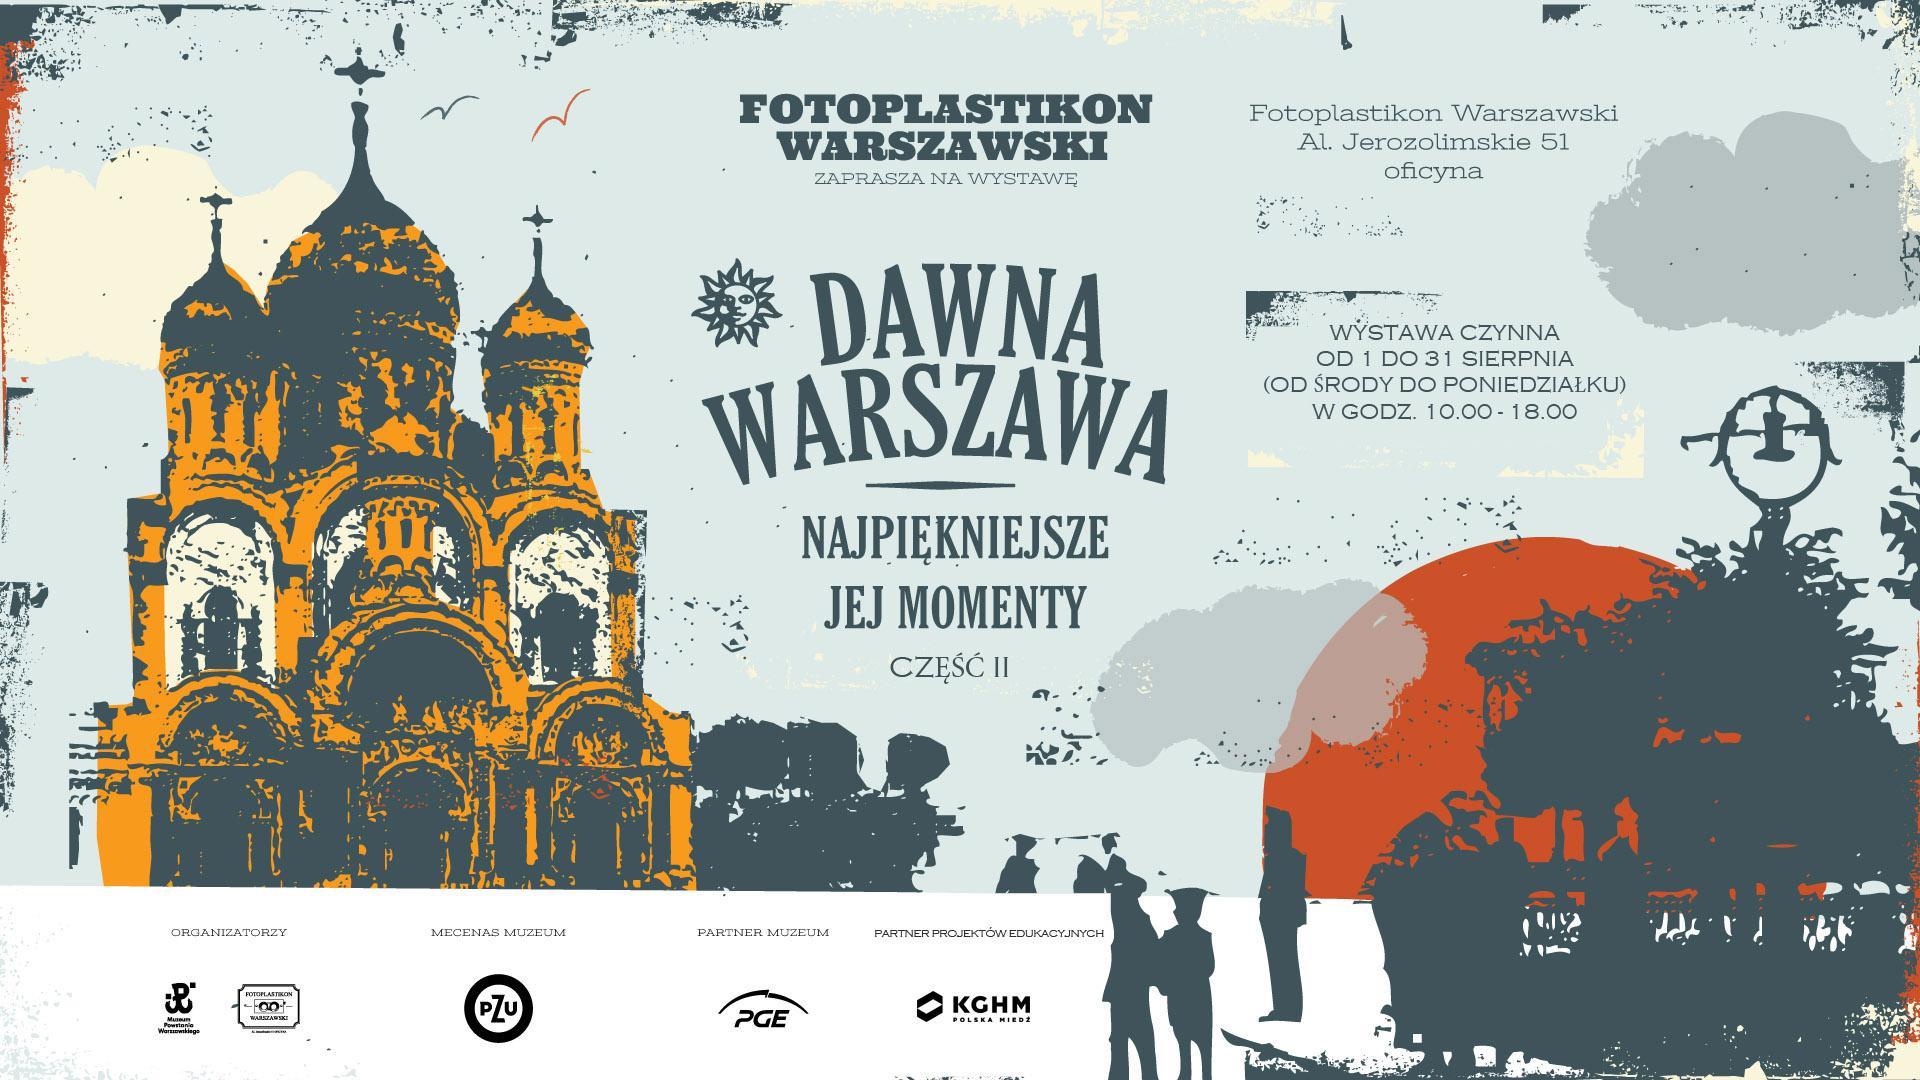 Fotoplastikon-Warszawa-2019-07-FB-1920x1080_CZĘŚĆ II